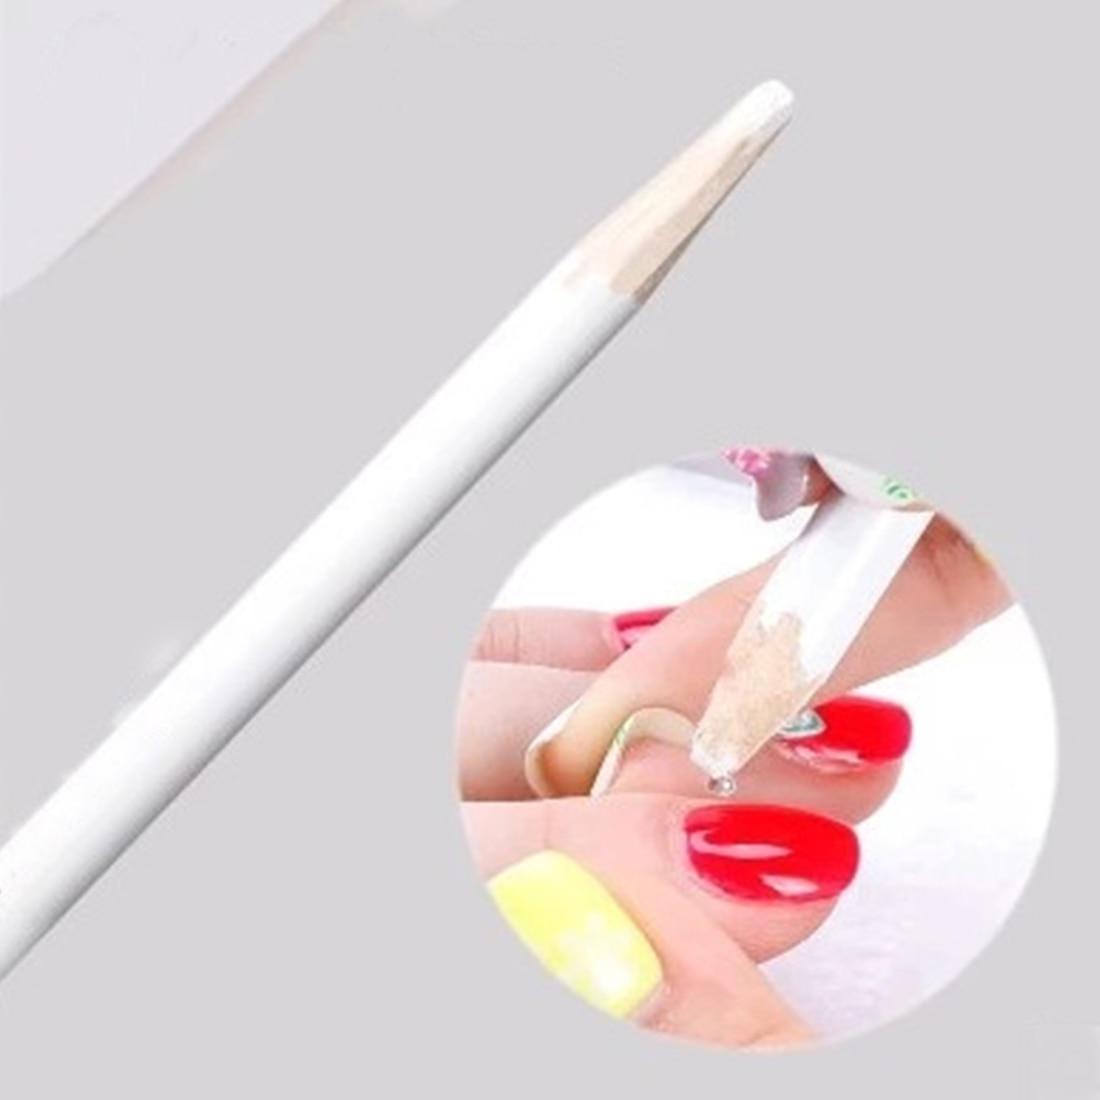 Výsledok vyhľadávania obrázkov pre dopyt Nail Art Rhinestones Gems Picking Crystal Tool Wax Pencil Pen Picker